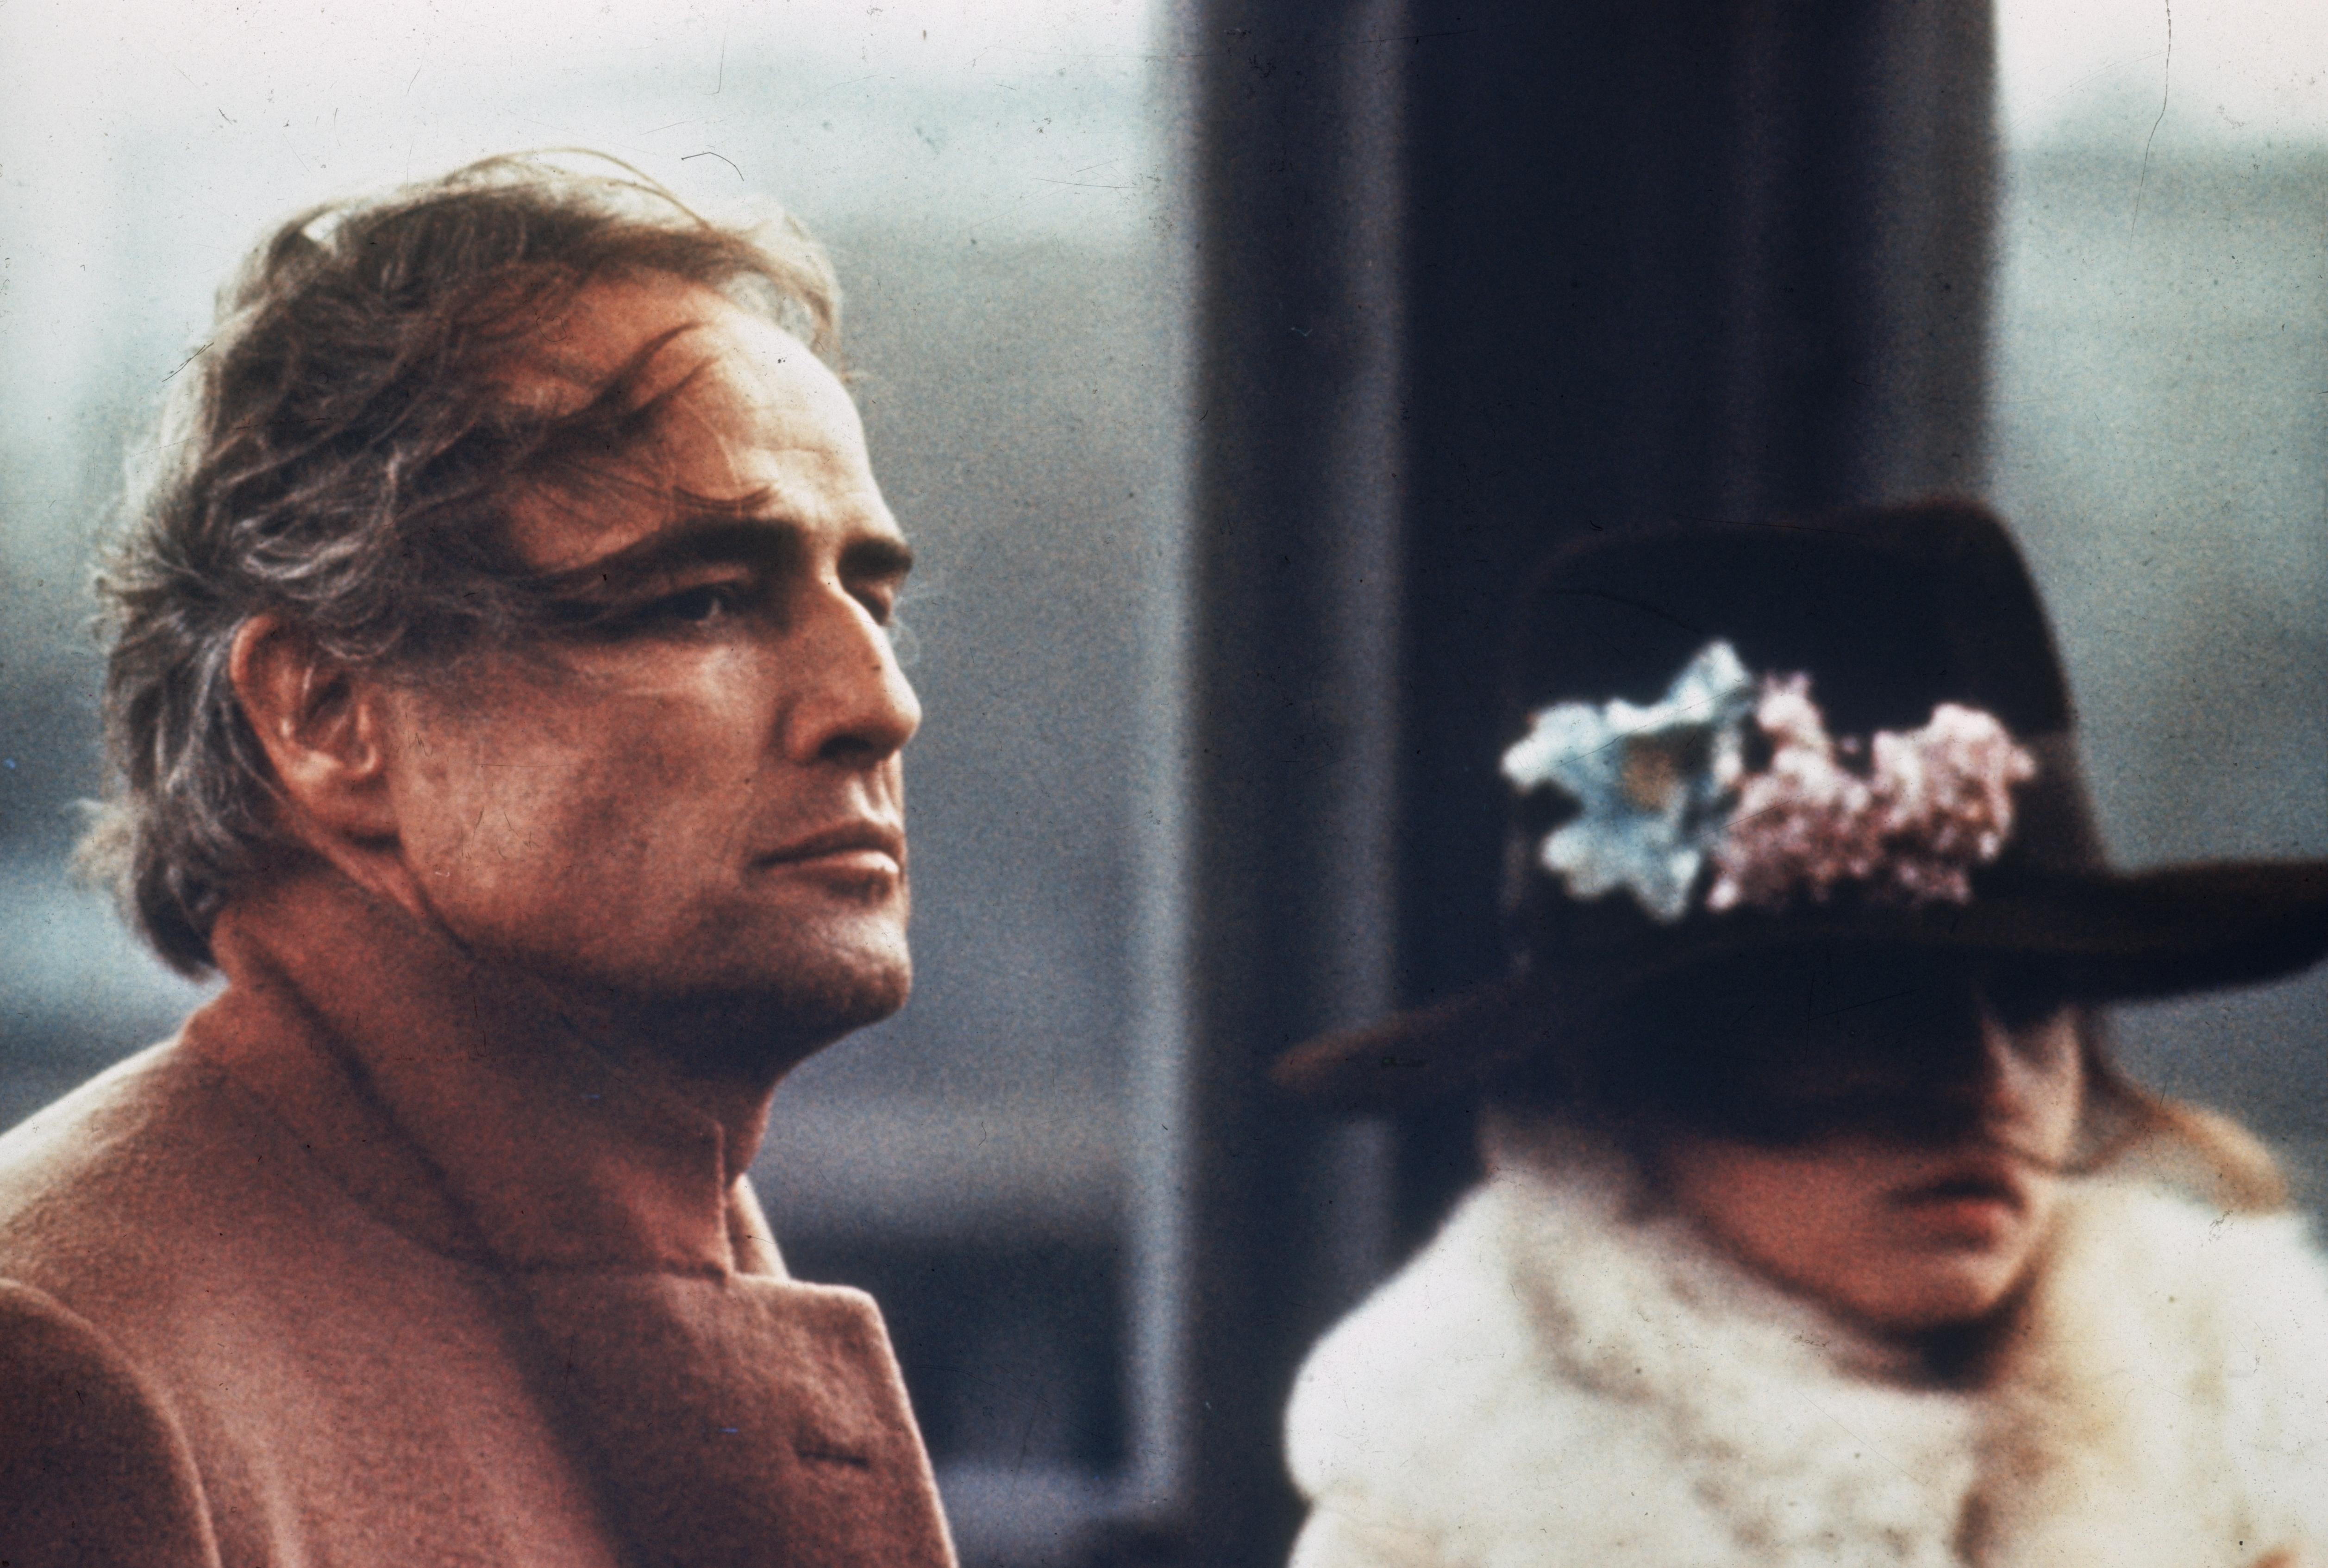 """""""Последно танго в Париж""""е шестият игрален филм на италианския режисьорБернардо Бертолучиот1972година, с участието наМарлон БрандоиМария Шнайдер. Филмът разказва за един американец и една млада французойка, които се срещат в един парижки апартамент за разговор и секс."""